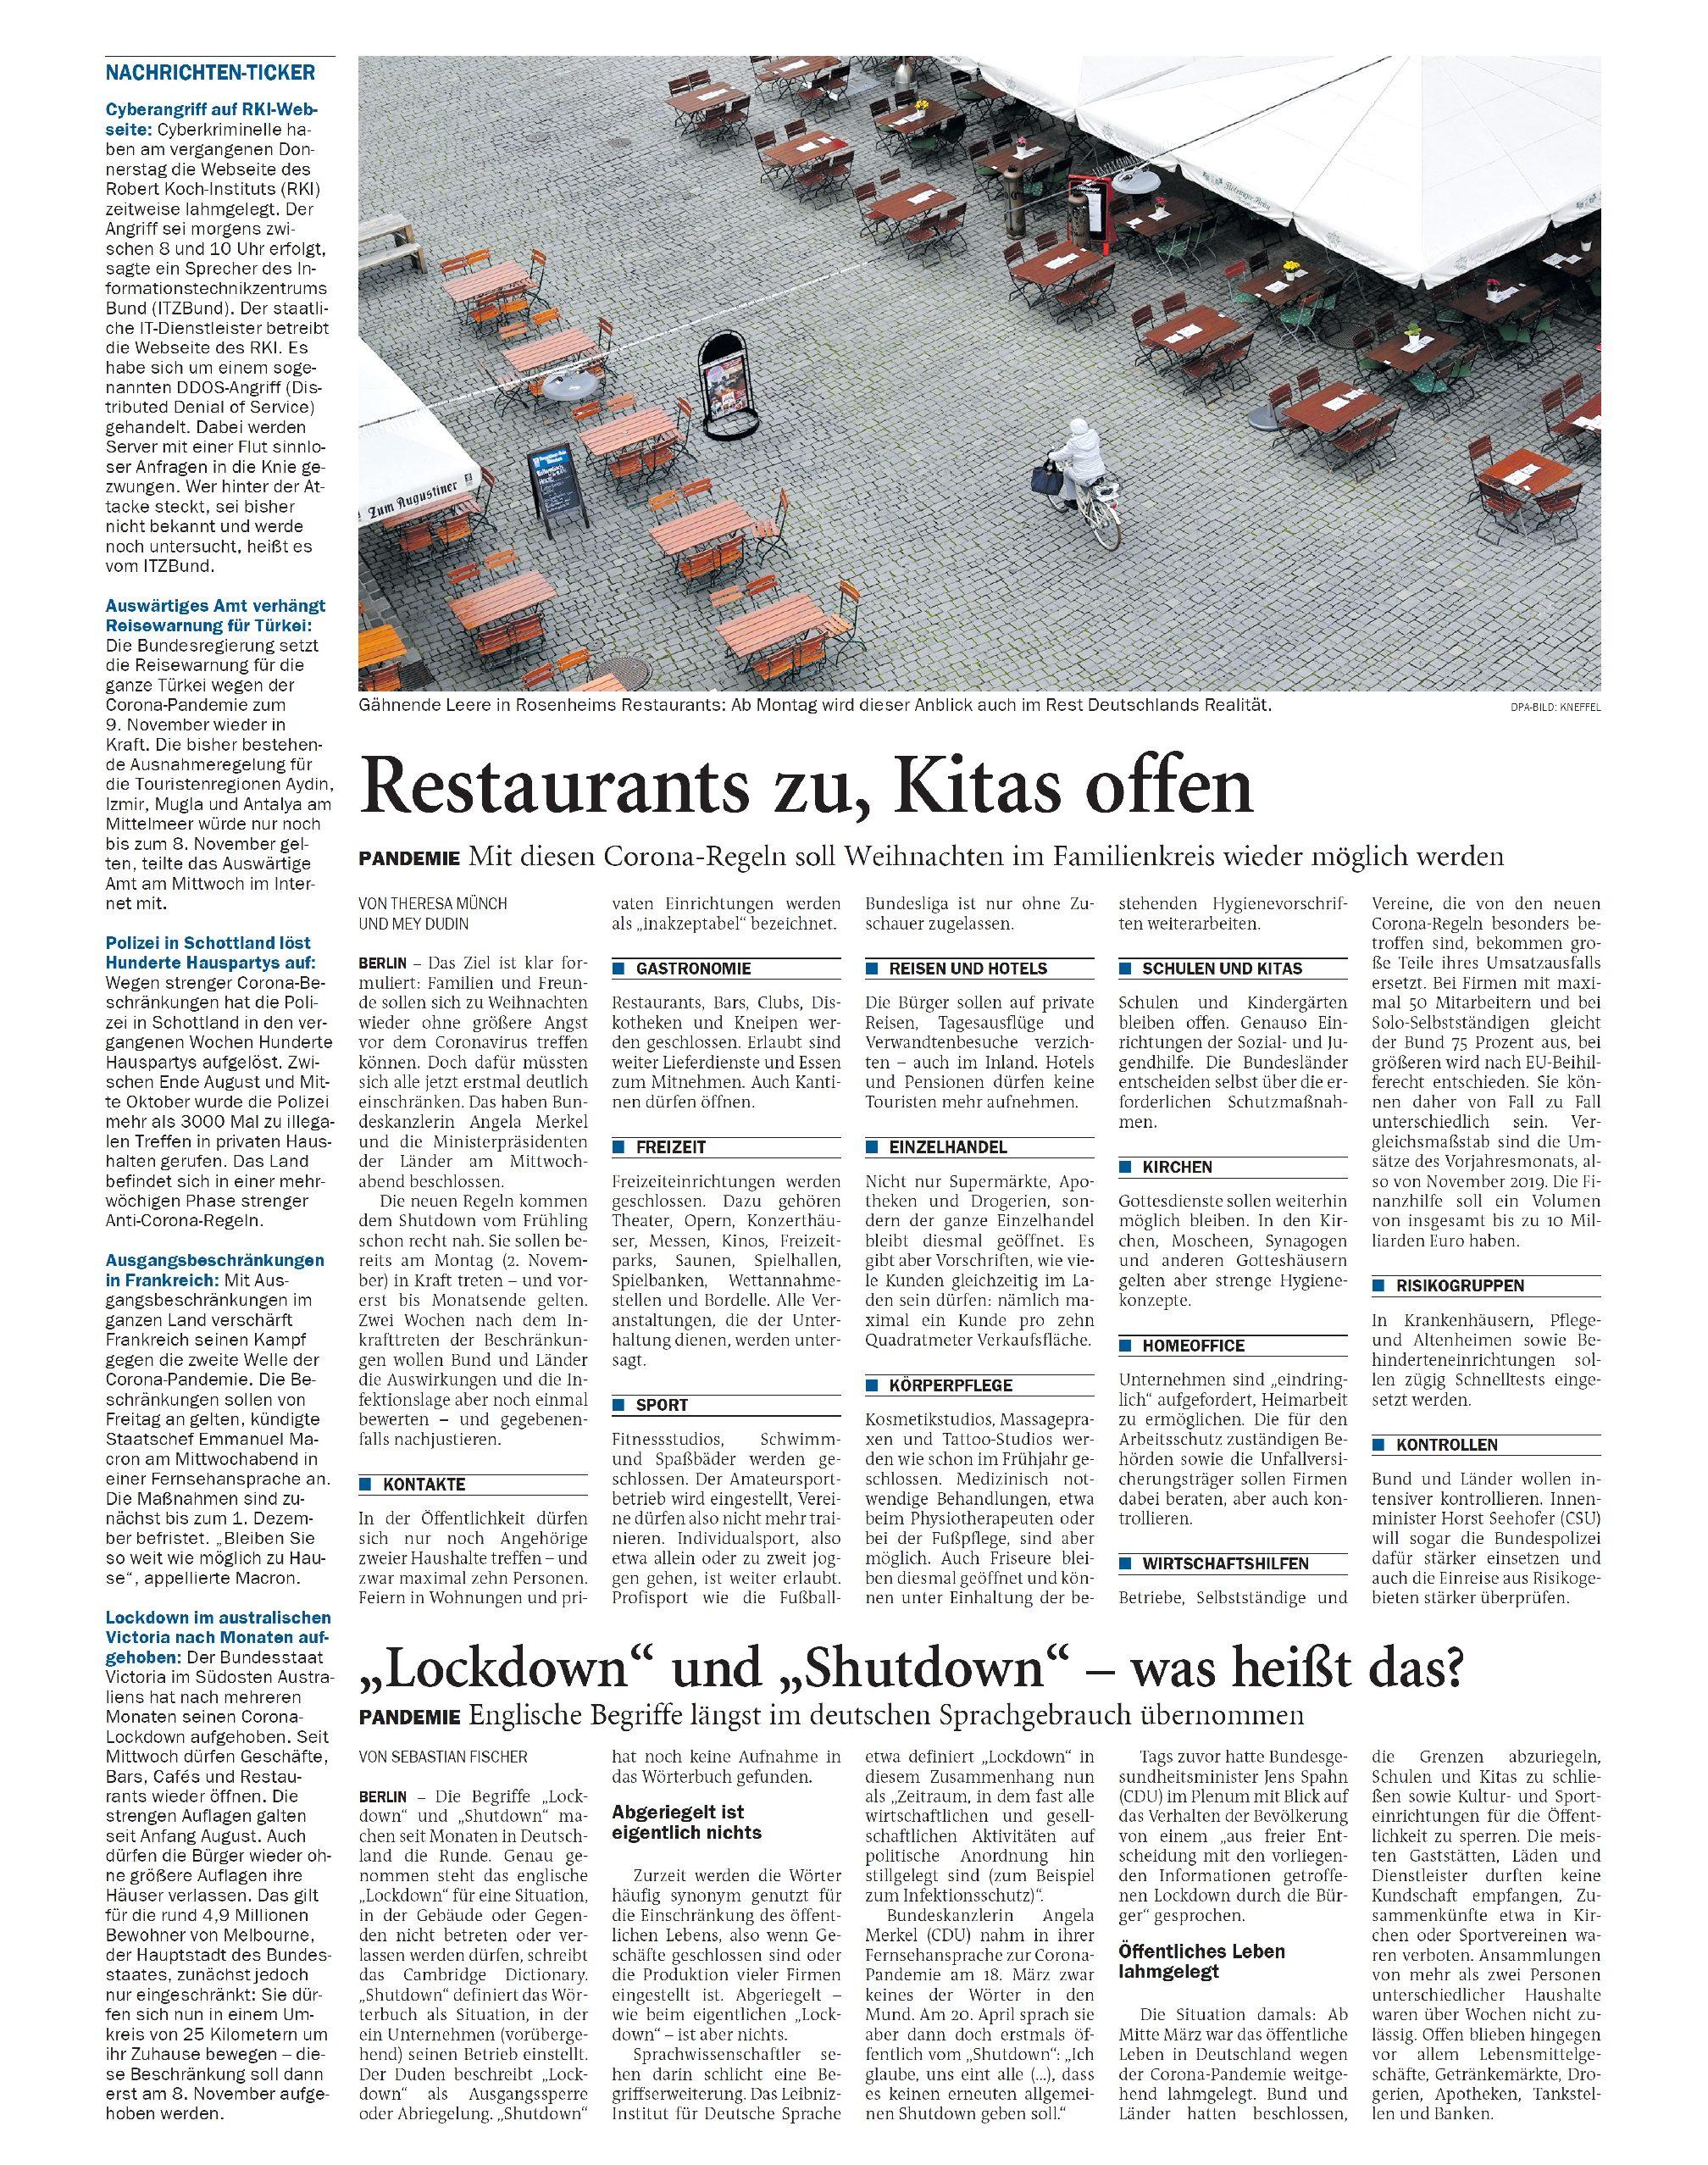 Jeversches Wochenblatt 29.10.2020 IV